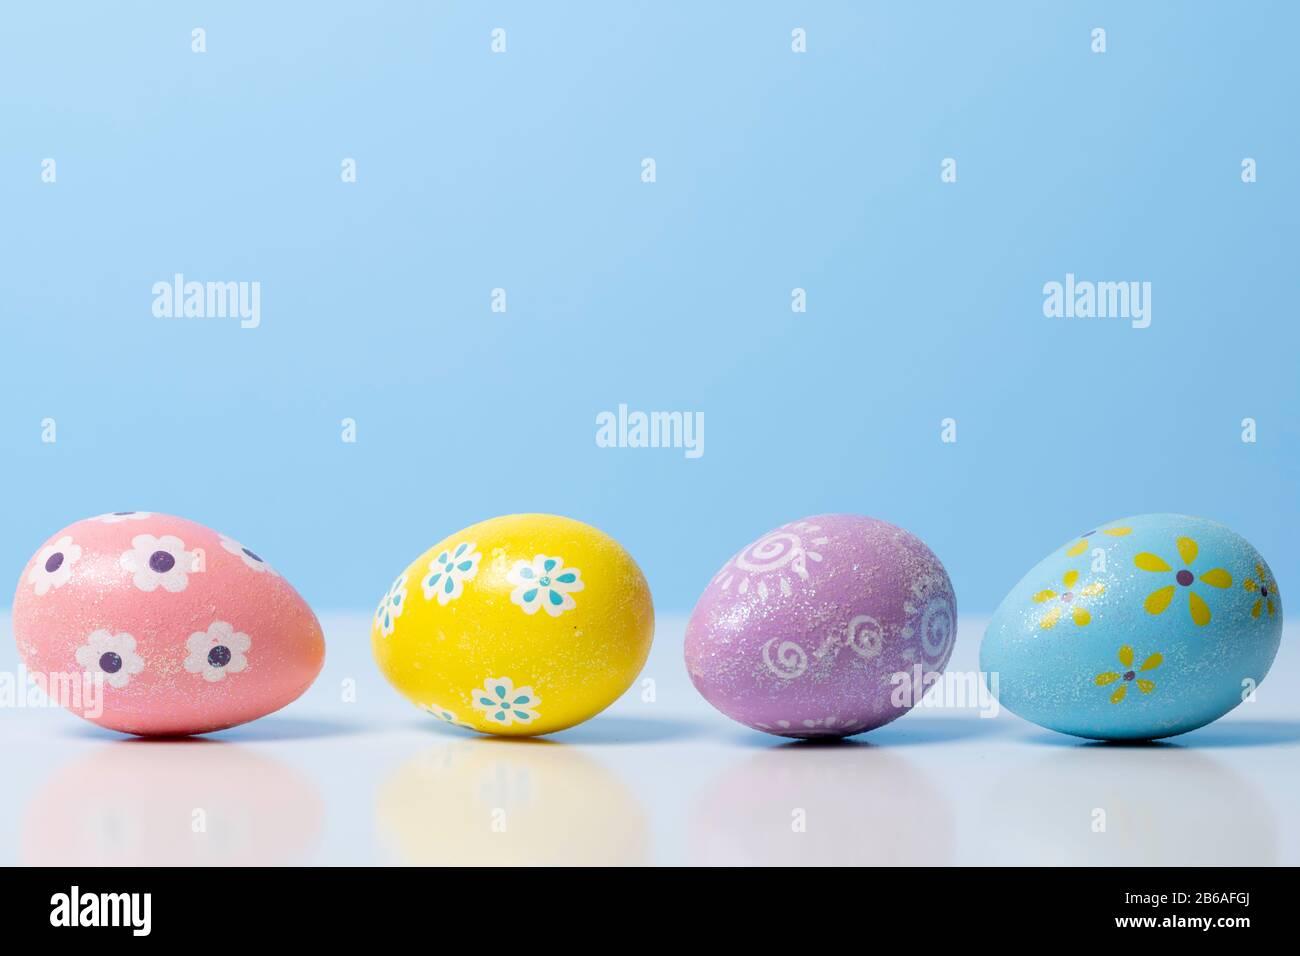 Les oeufs de Pâques peints sur un fond coloré Banque D'Images